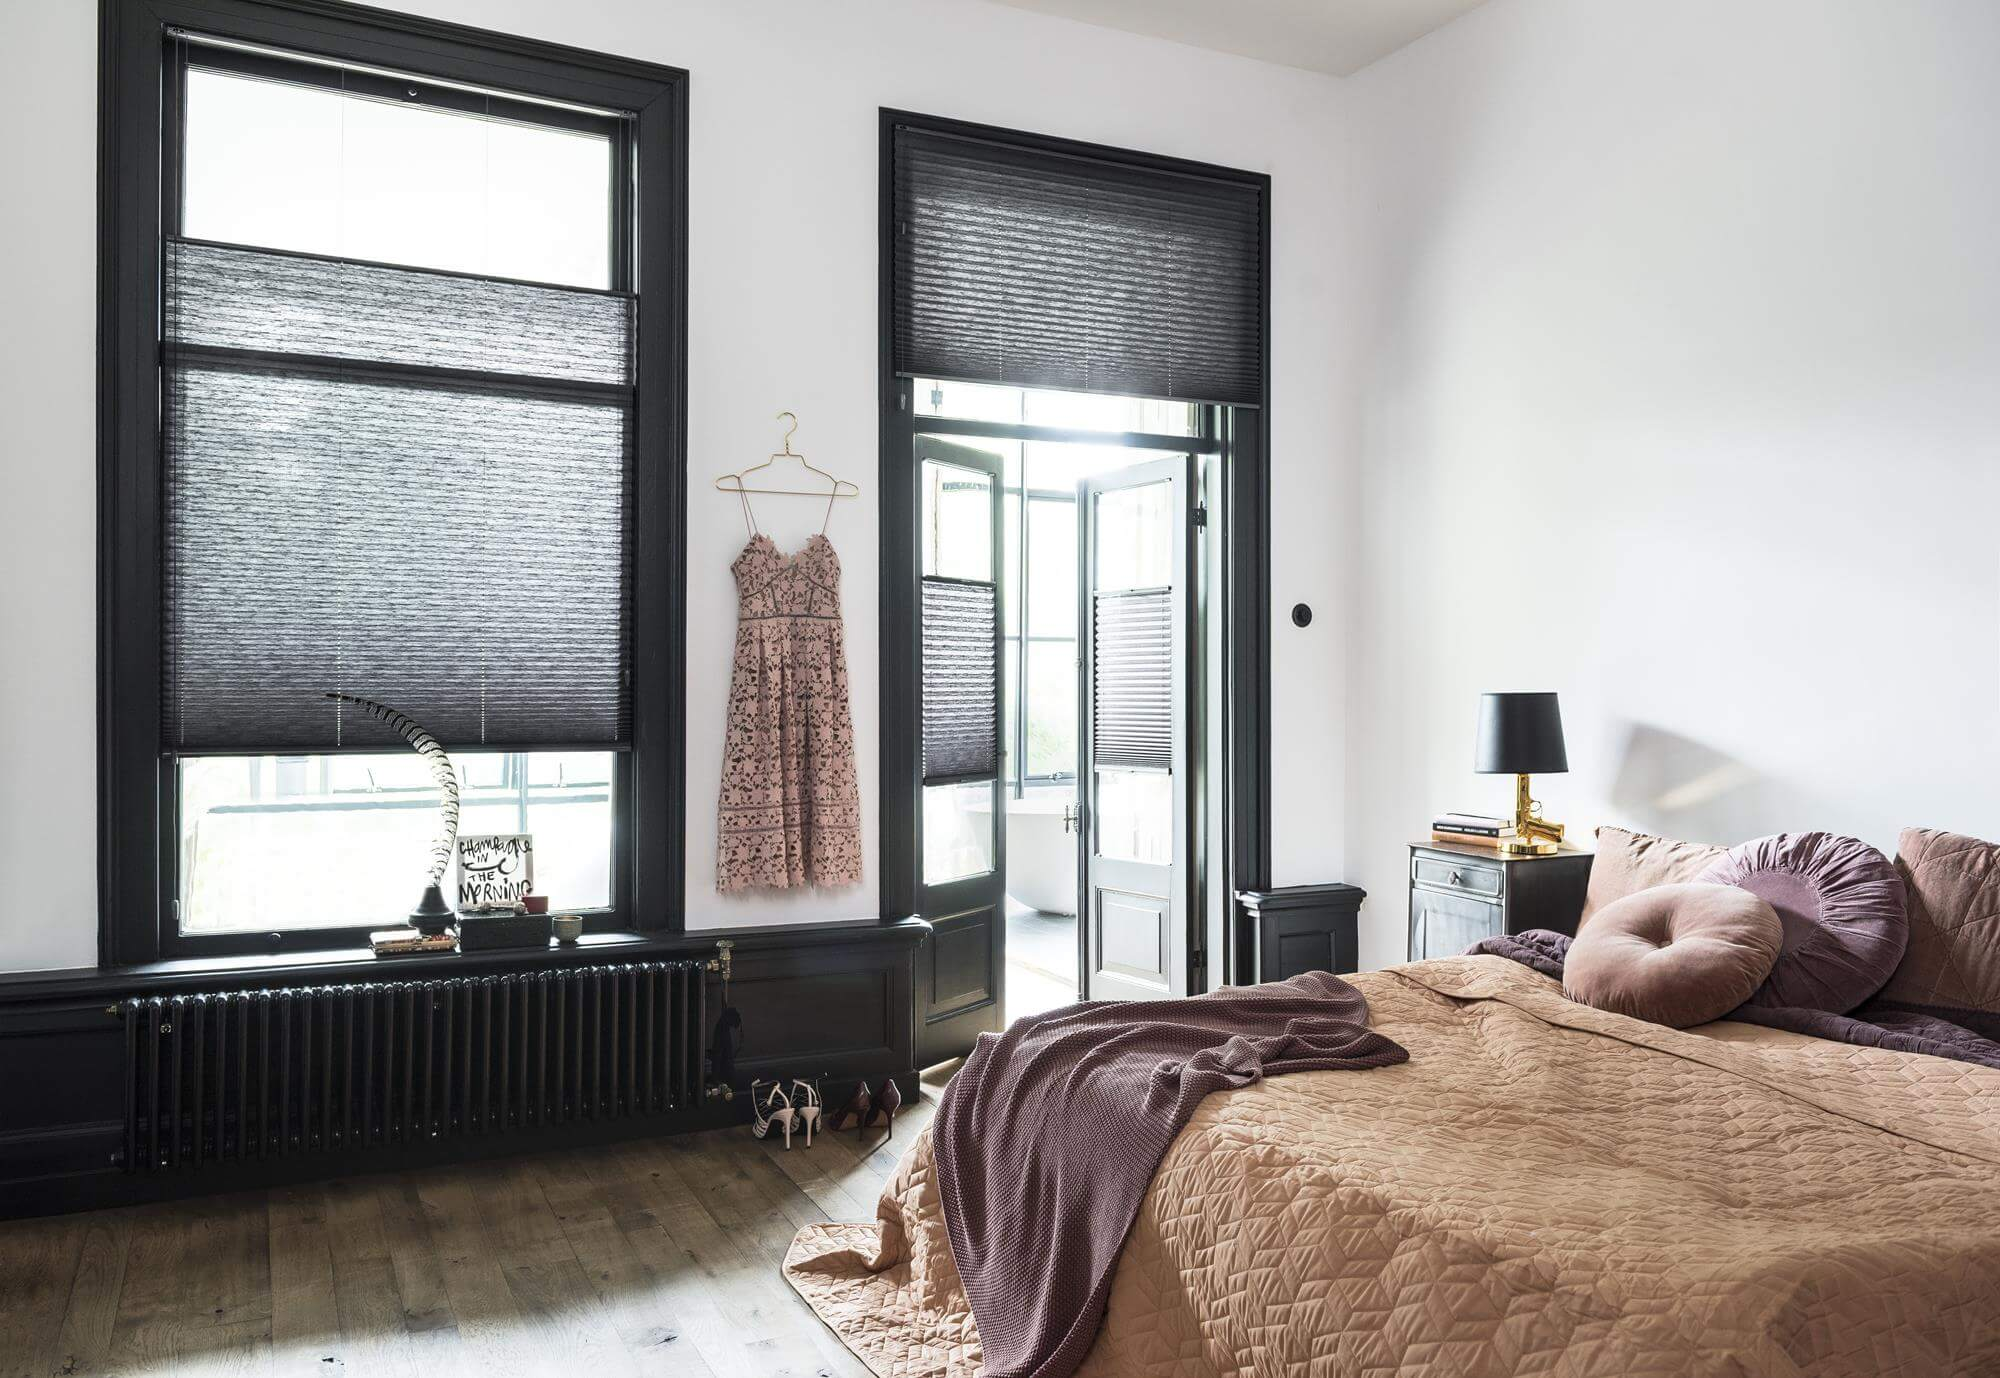 Bed gordijn 13: jonge vrouwentribune van bed in badjas open